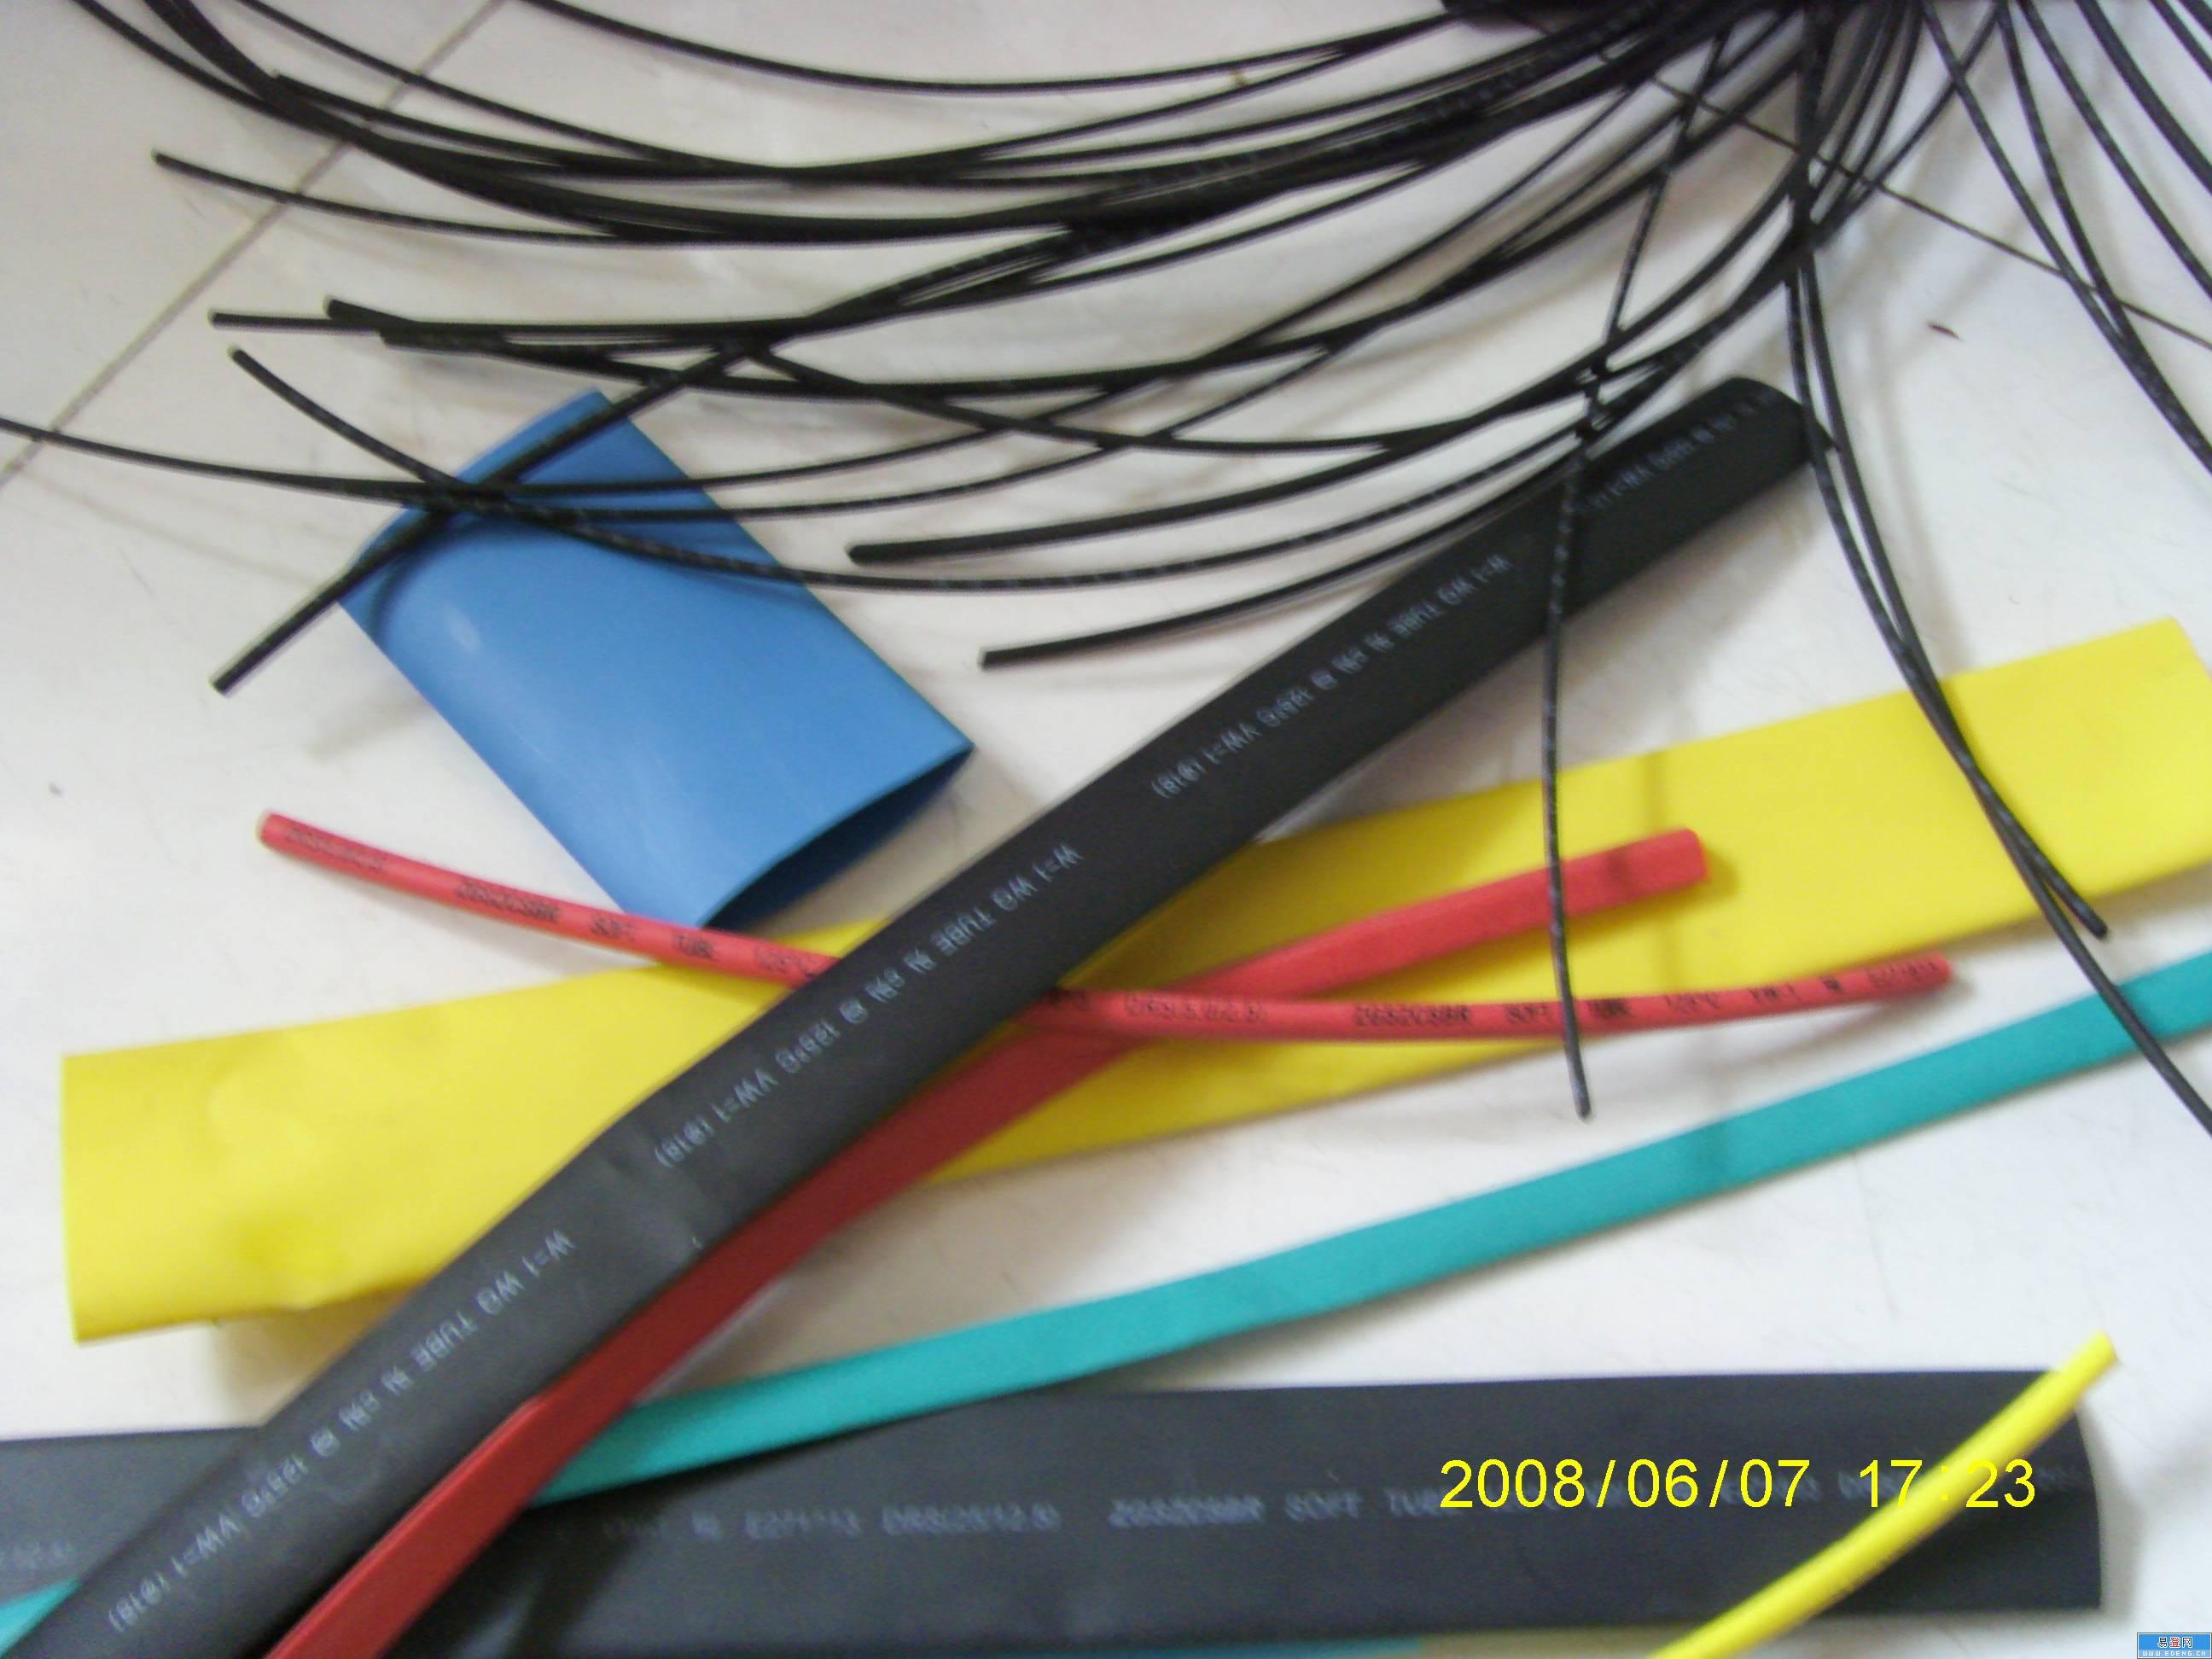 Los fabricantes de fundas aislantes especiales caliente el tubo de contracción a nivel de calidad de las especificaciones (3mmA 600v